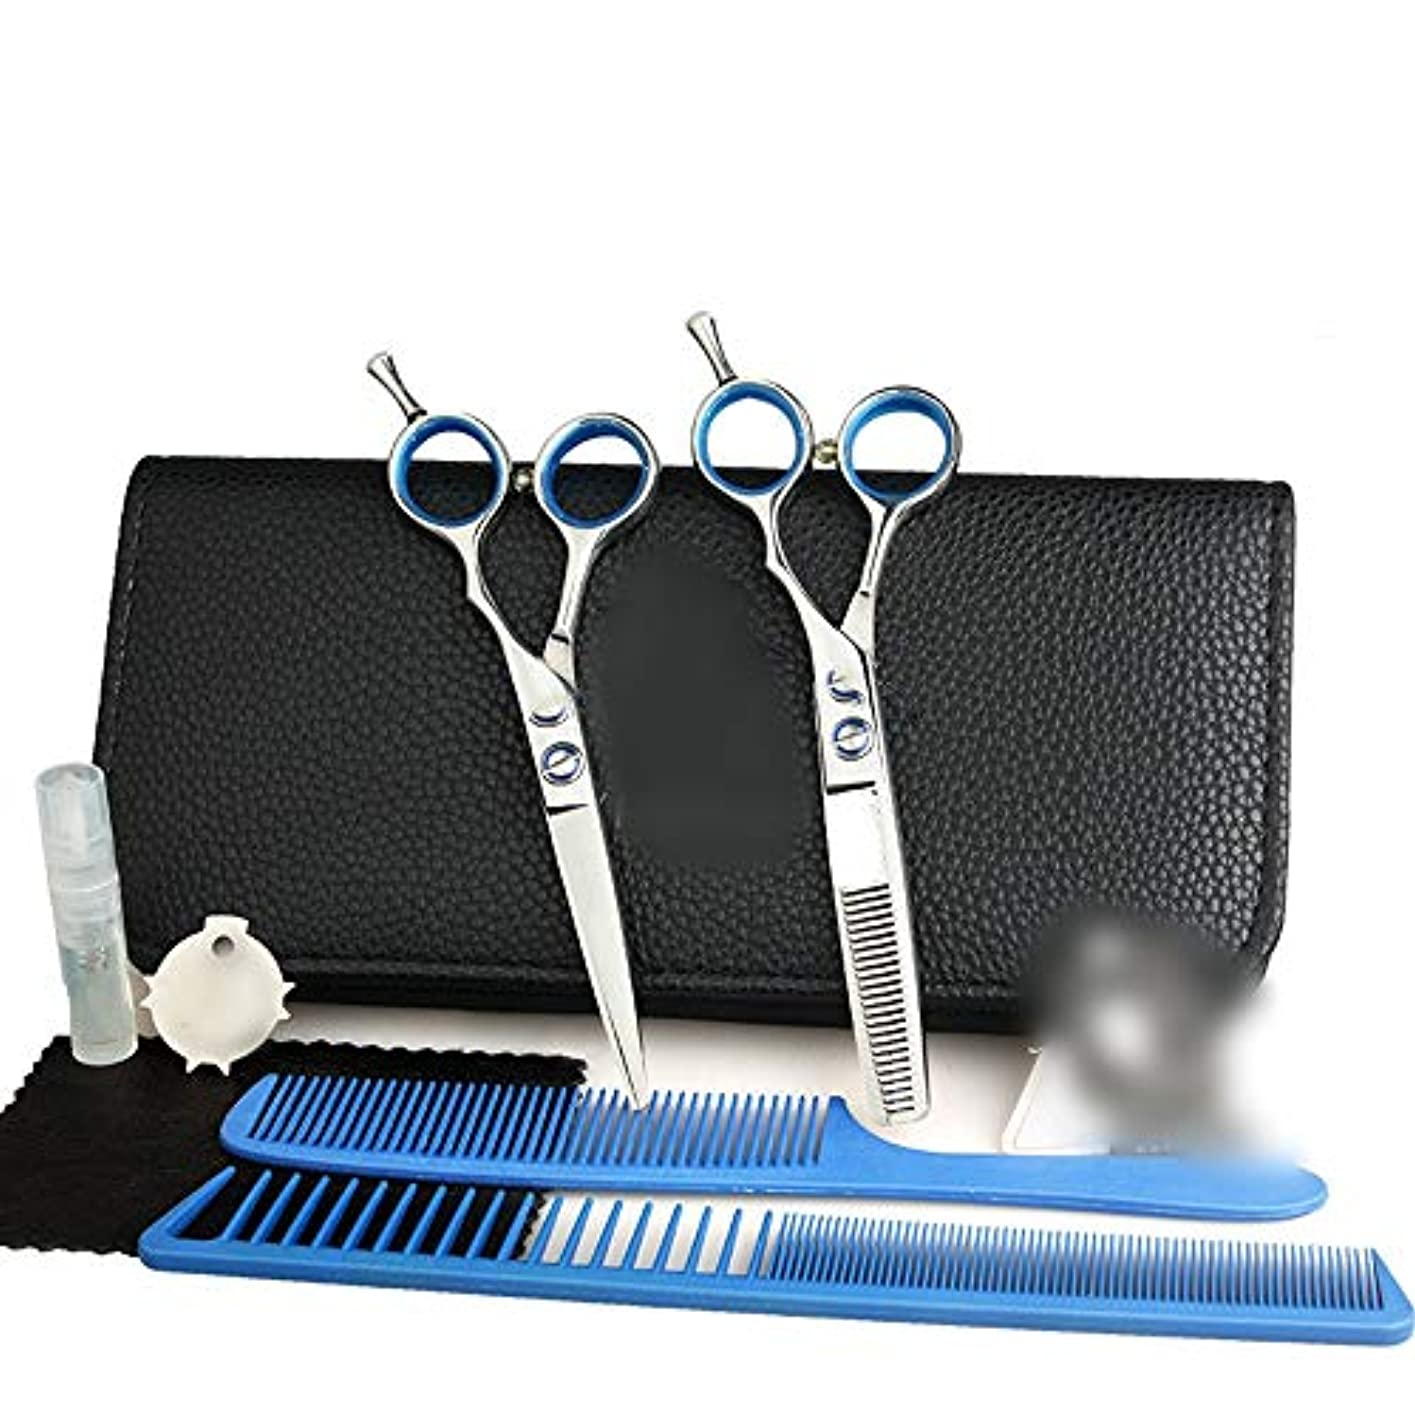 毒性忠実な移動する5.5インチ理髪はさみセット、フラット+歯シザー理髪はさみツールセット ヘアケア (色 : Silver)